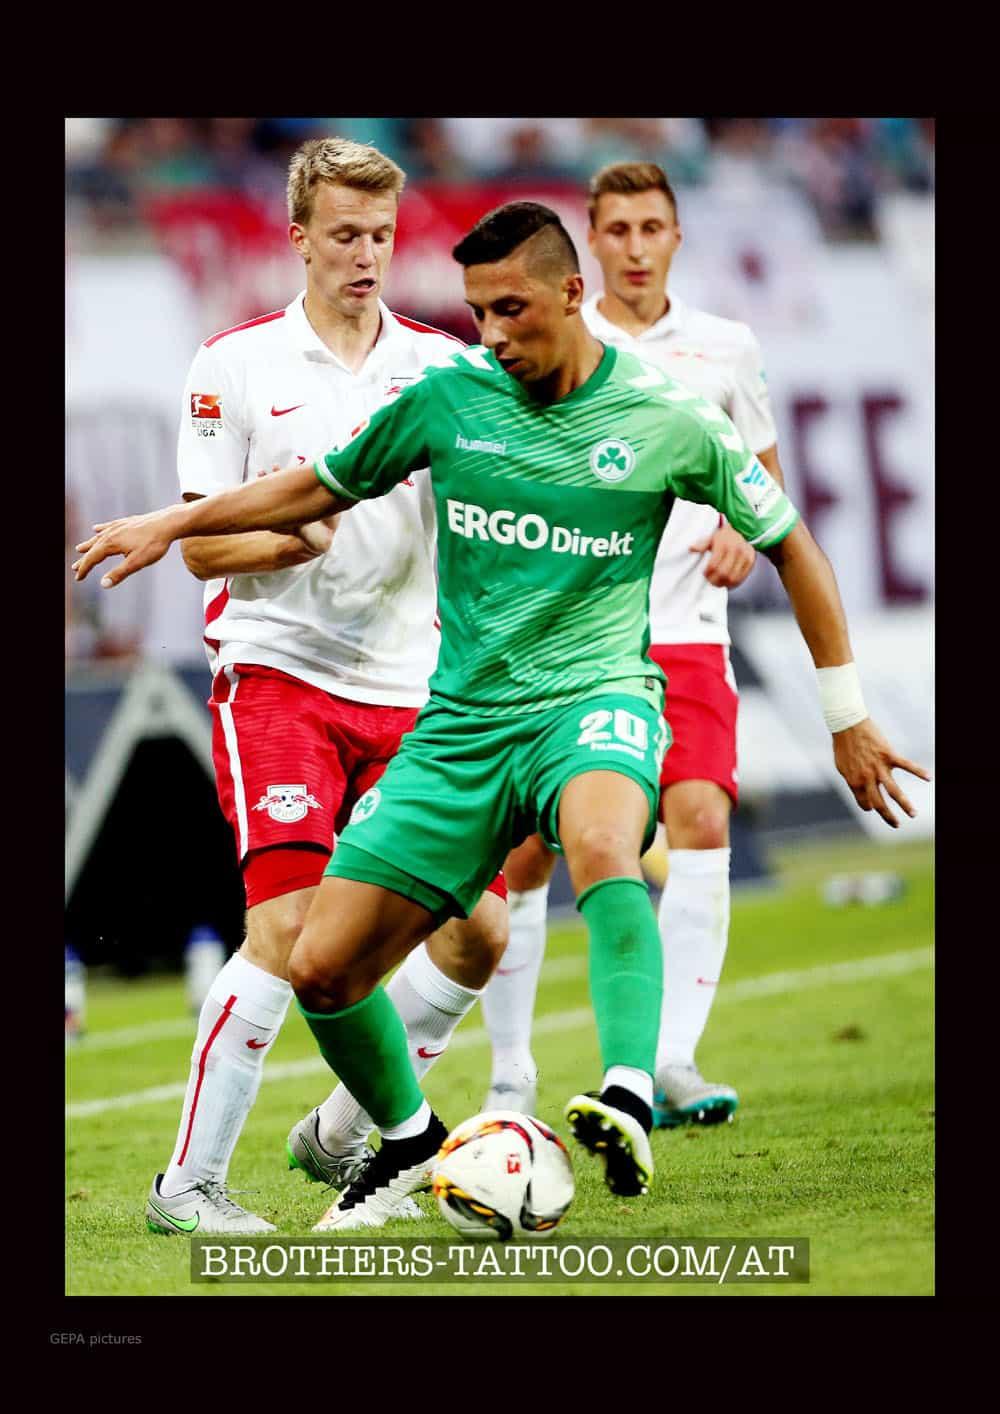 Robert Zulj verteidigt seinen Fussball im Nationalteam